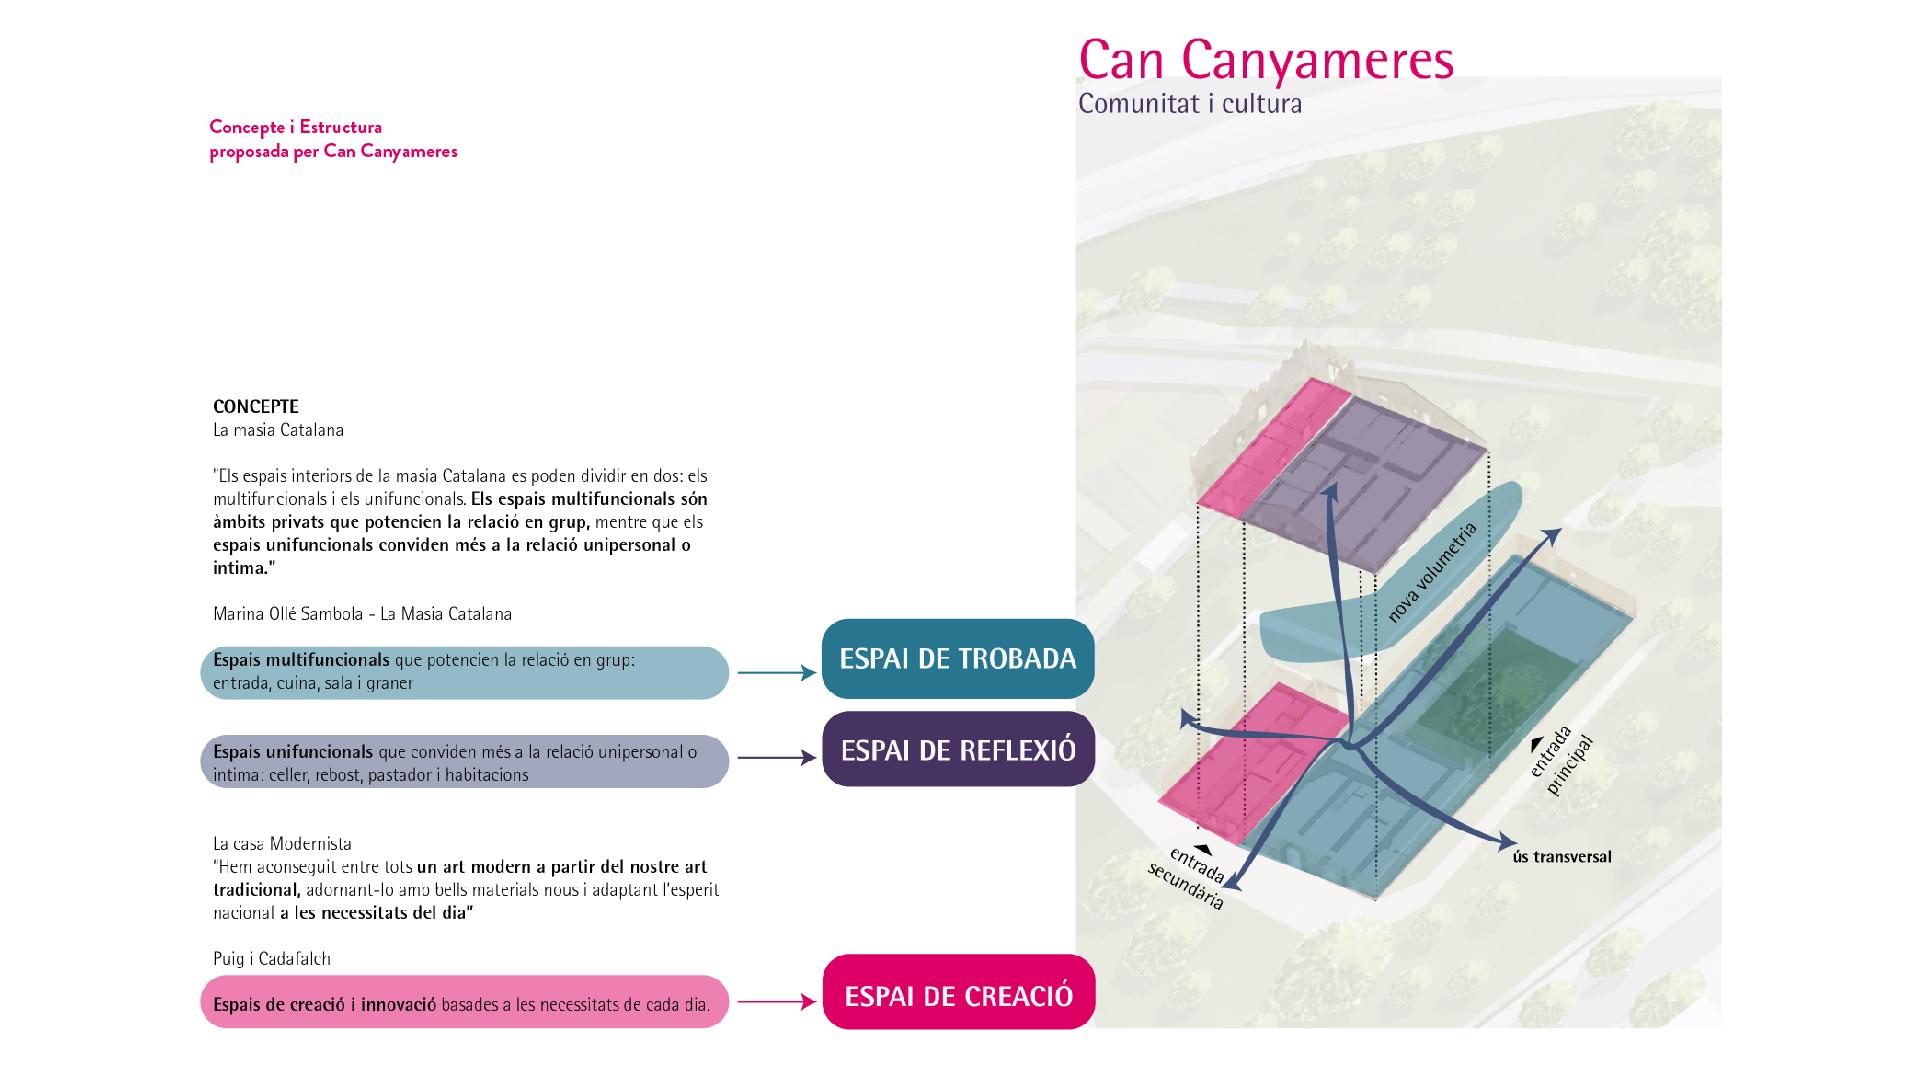 plantilla fotos_Concepte i Estructura proposada per Can Canyameres